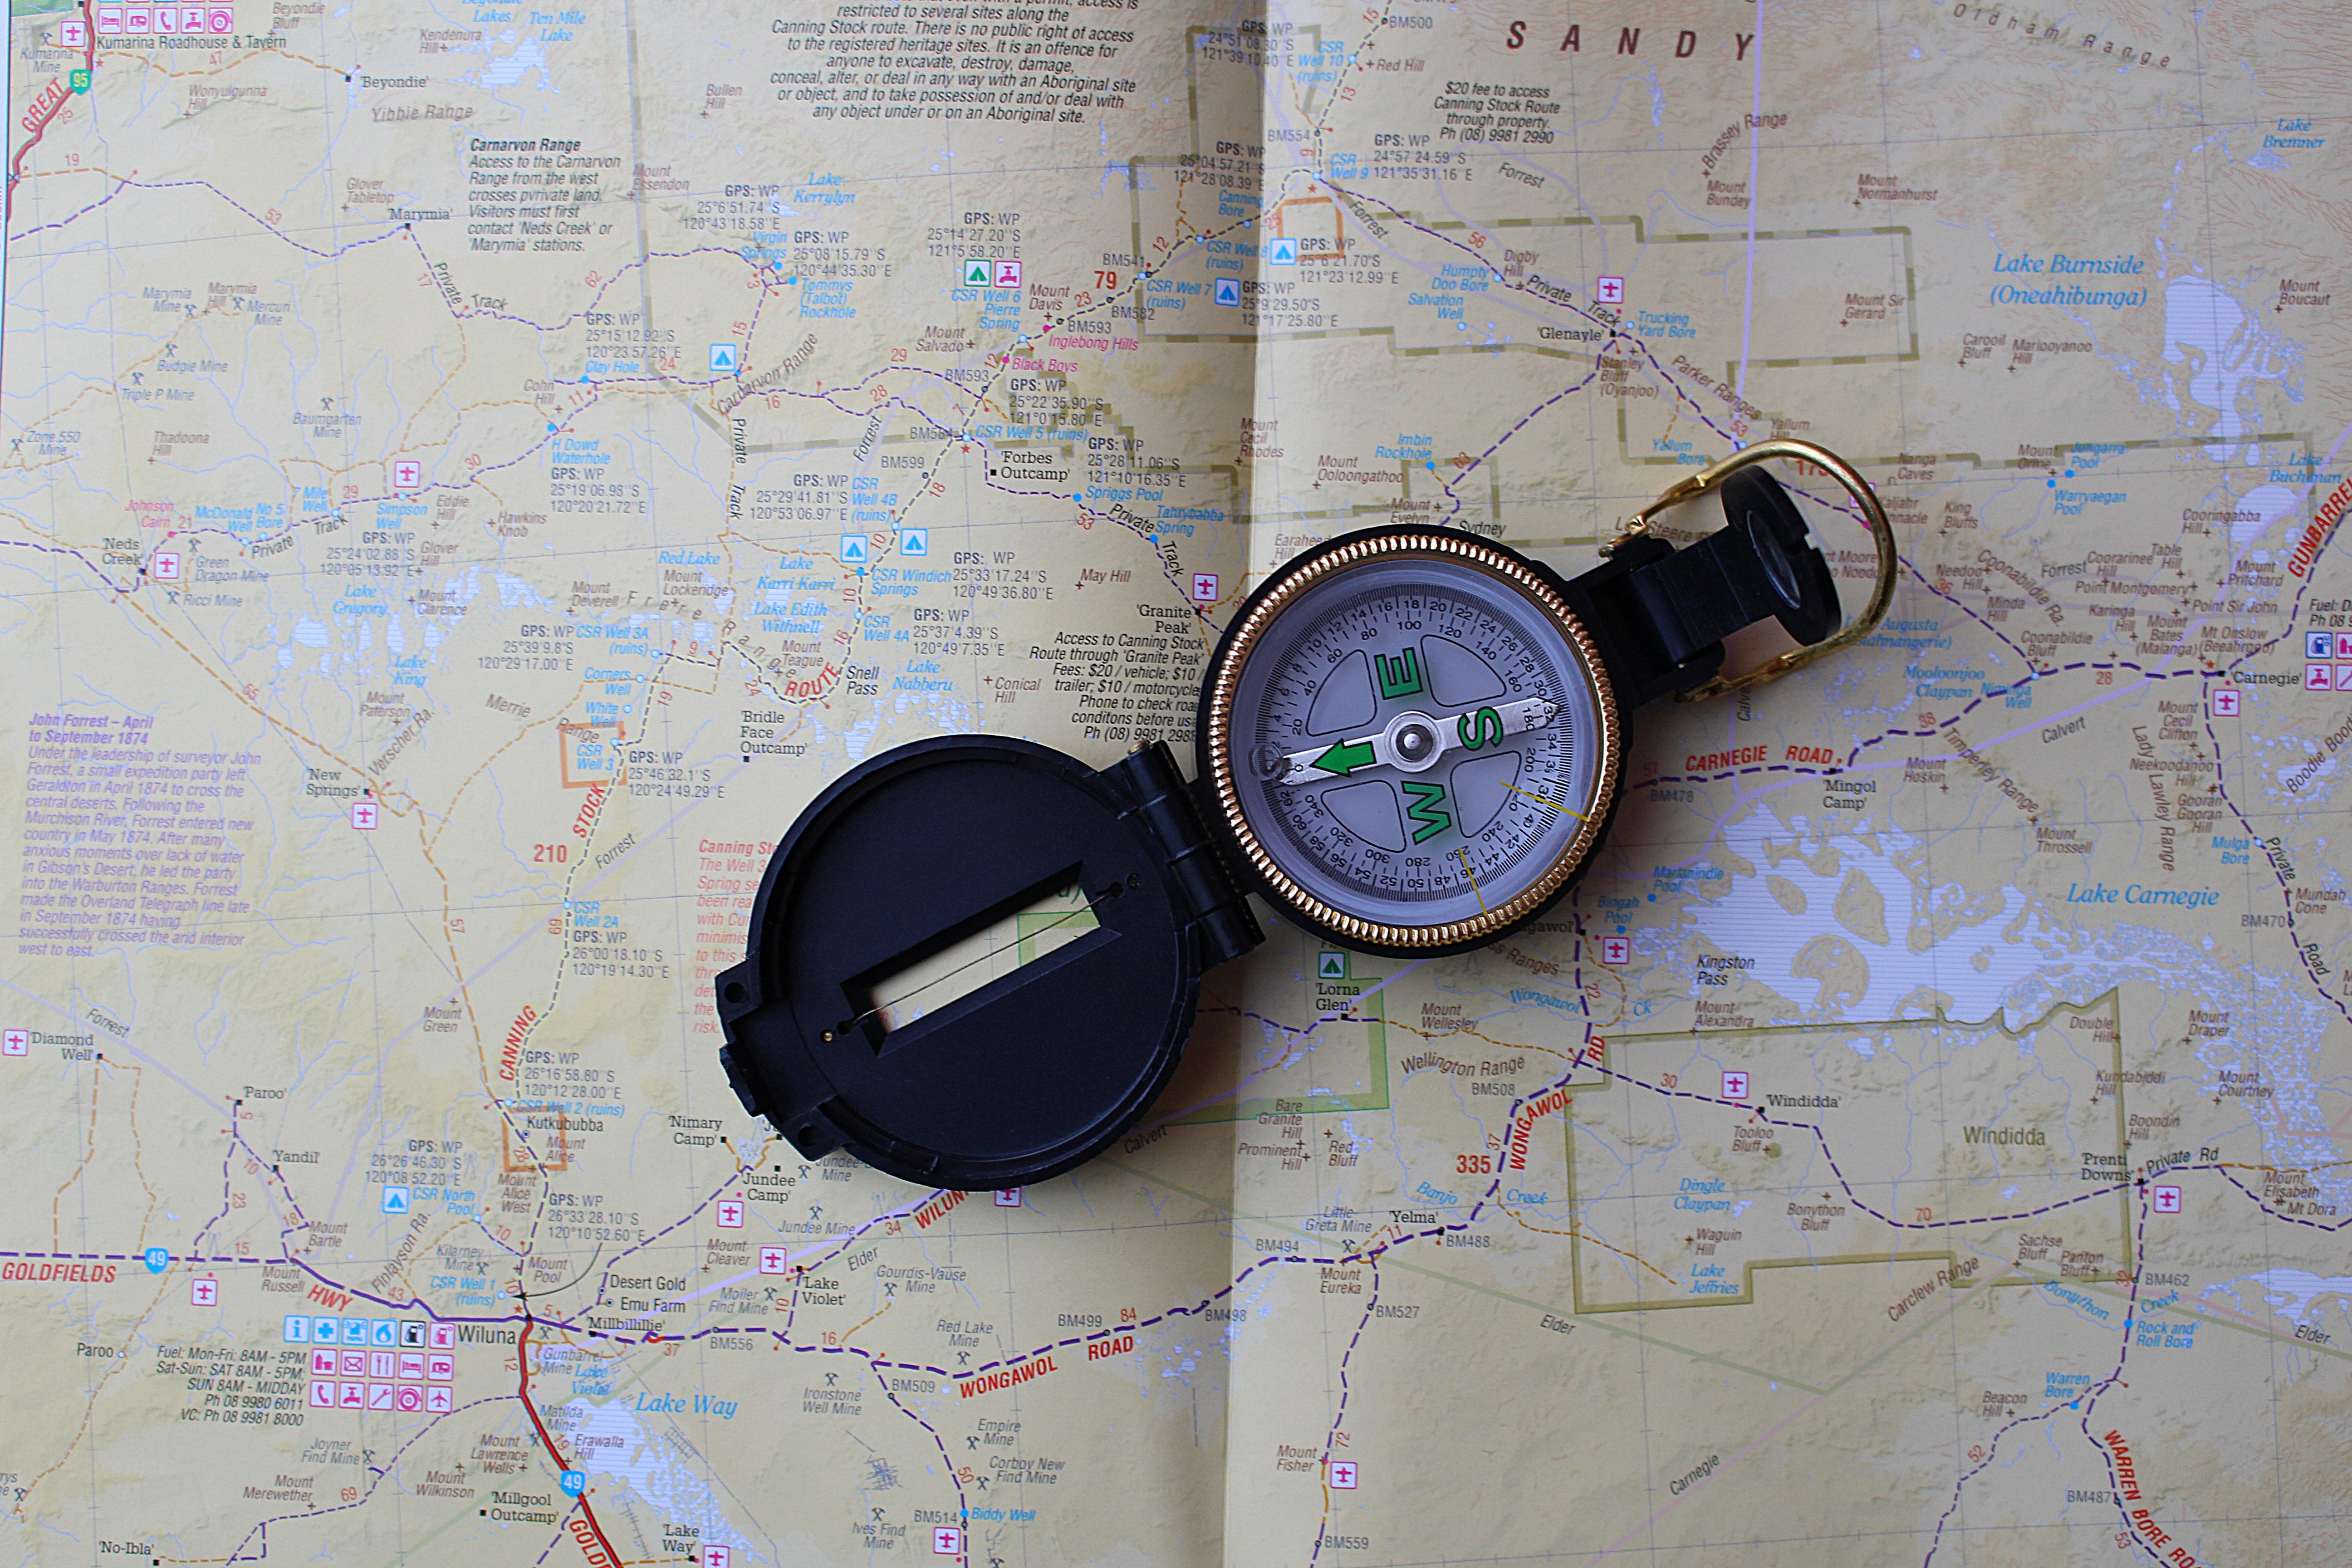 navigasjon kart Bildet : Antall, kompass, kart, sirkel, Australia, tegning  navigasjon kart